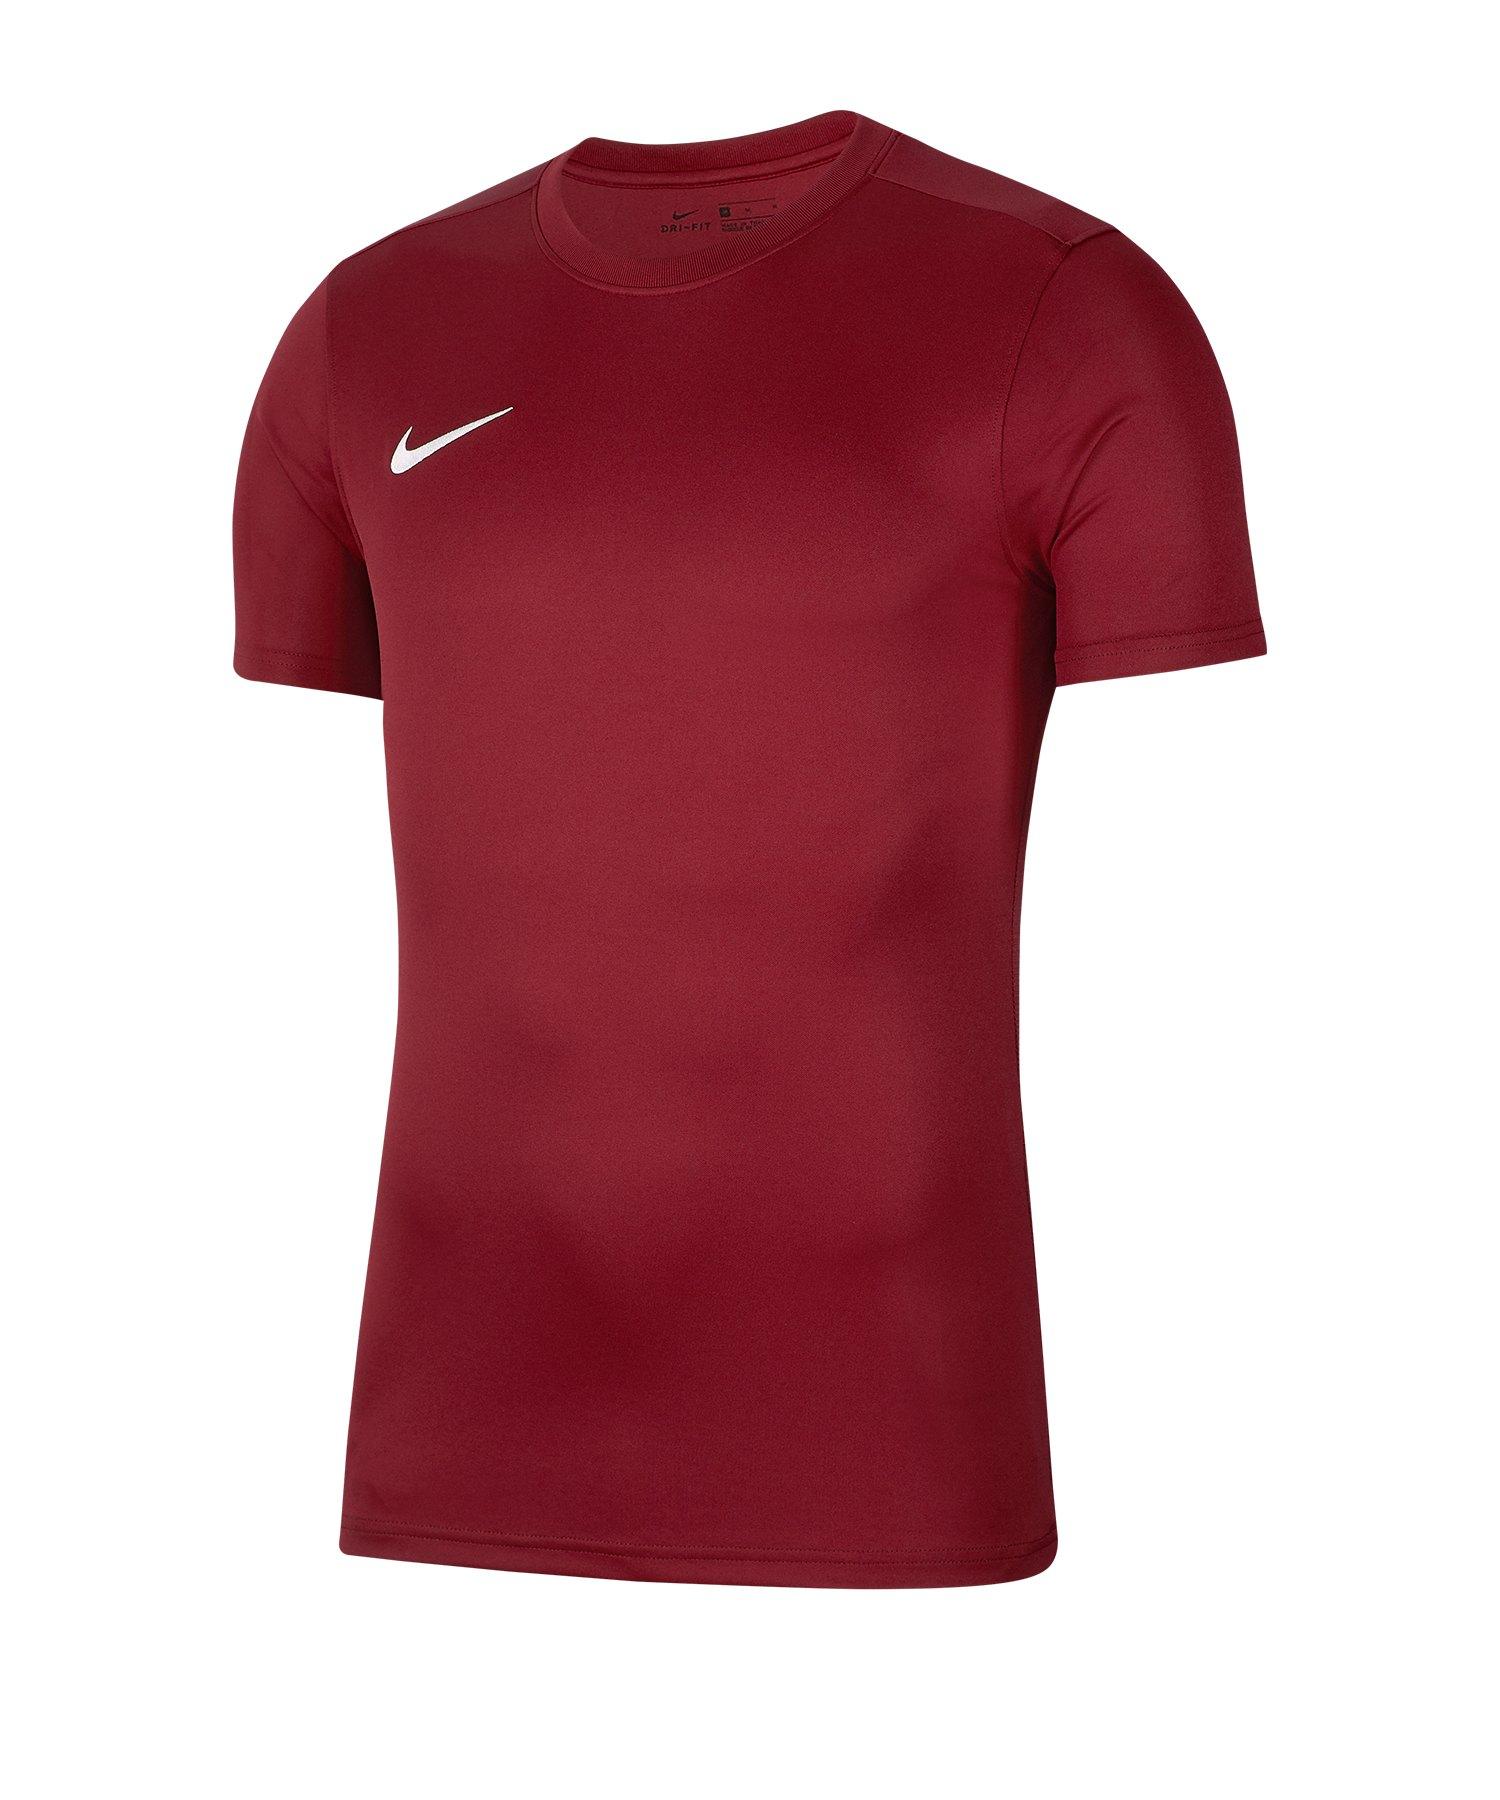 Nike Park VII Trikot kurzarm Rot F677 - rot